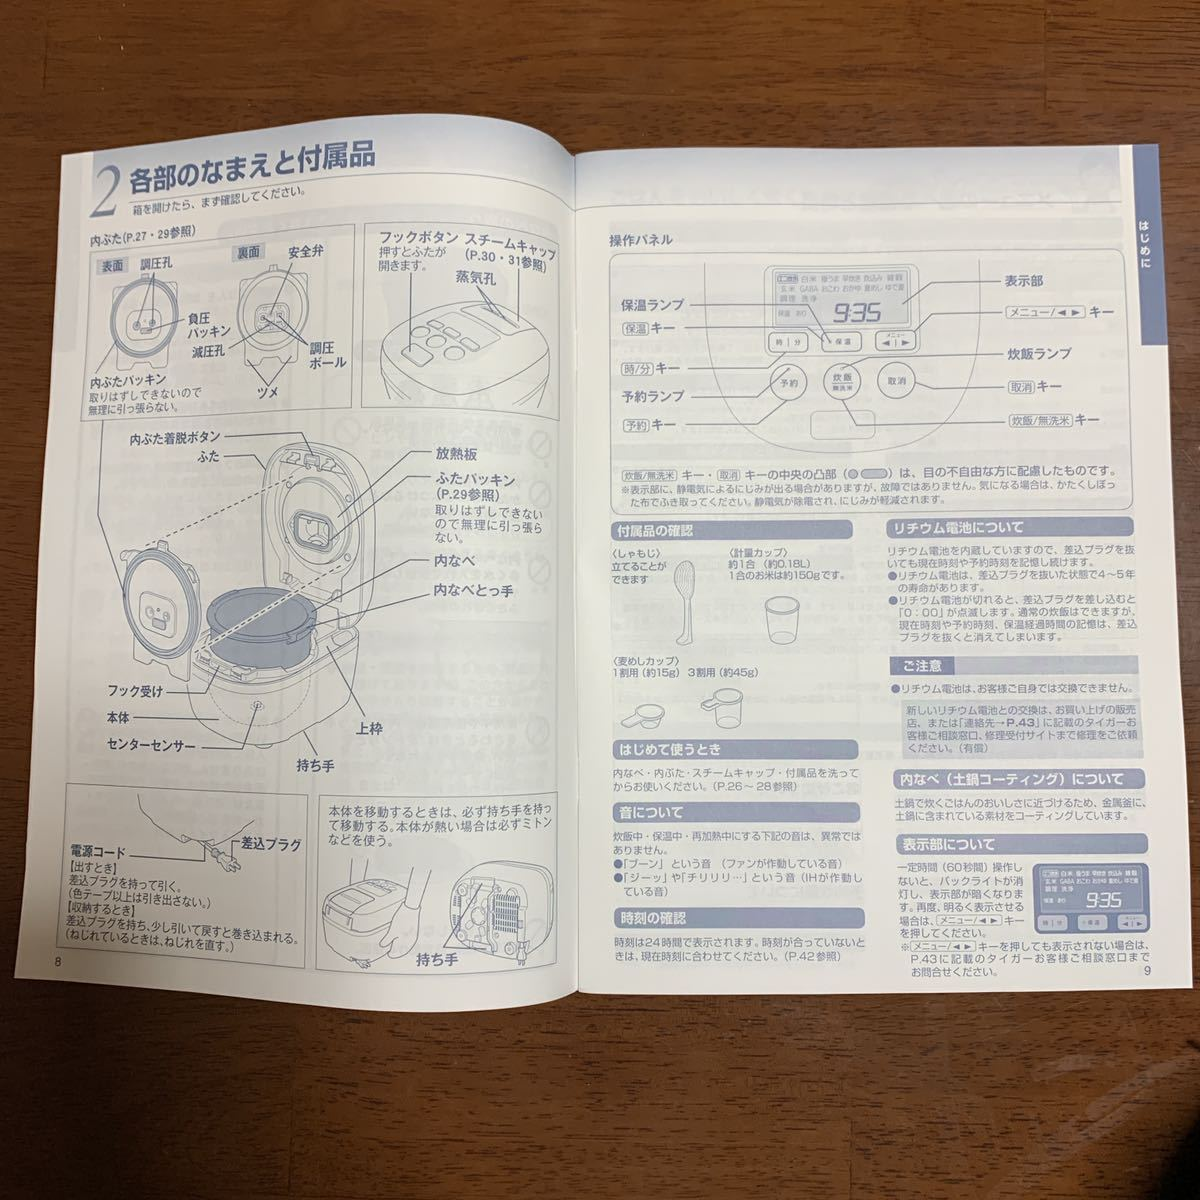 タイガー圧力IH炊飯ジャー(炊飯専用家庭用圧力がま)品番JPD-A060 色柄アーバンブラックKE 炊飯容量0.63L 19年製 保証期間2024年11月13日